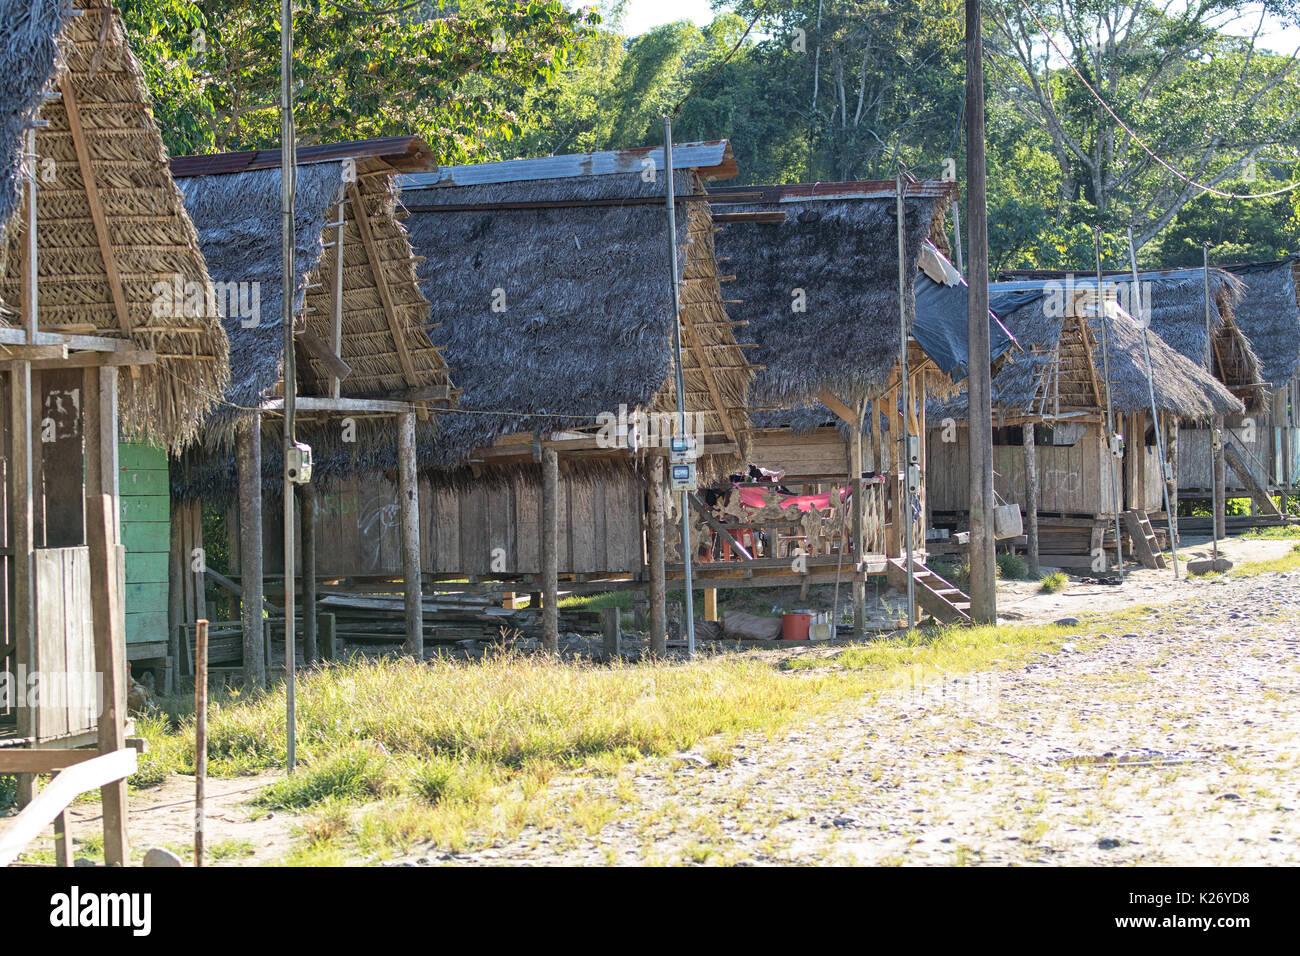 Giugno 6, 2017 Misahualli, Ecuador: fila di piccoli abitare baracche di legno tavole nell'area amazzonica Immagini Stock